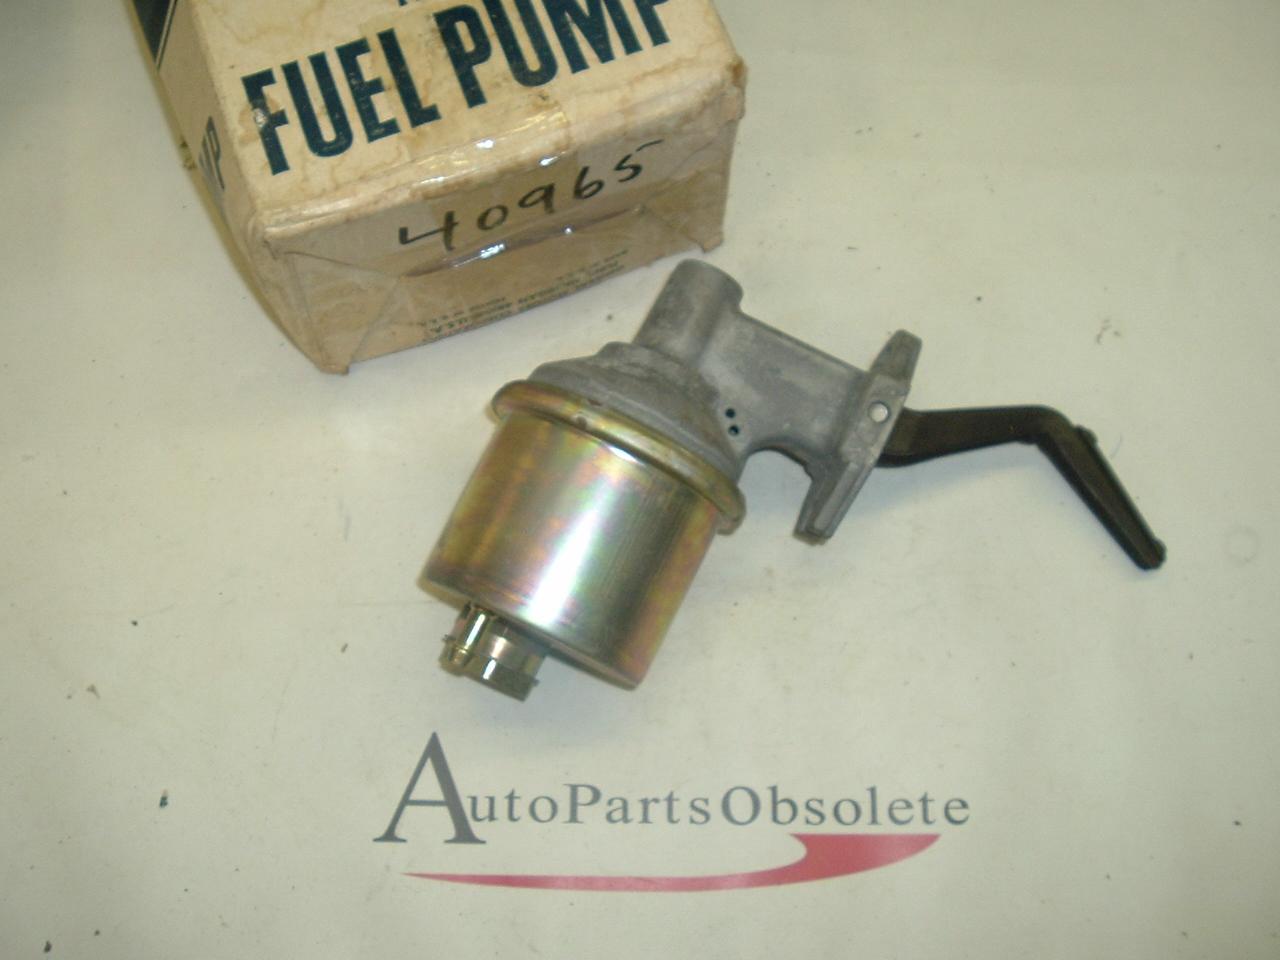 1972 Cadillac Fuel Pump NOS 40965 (a